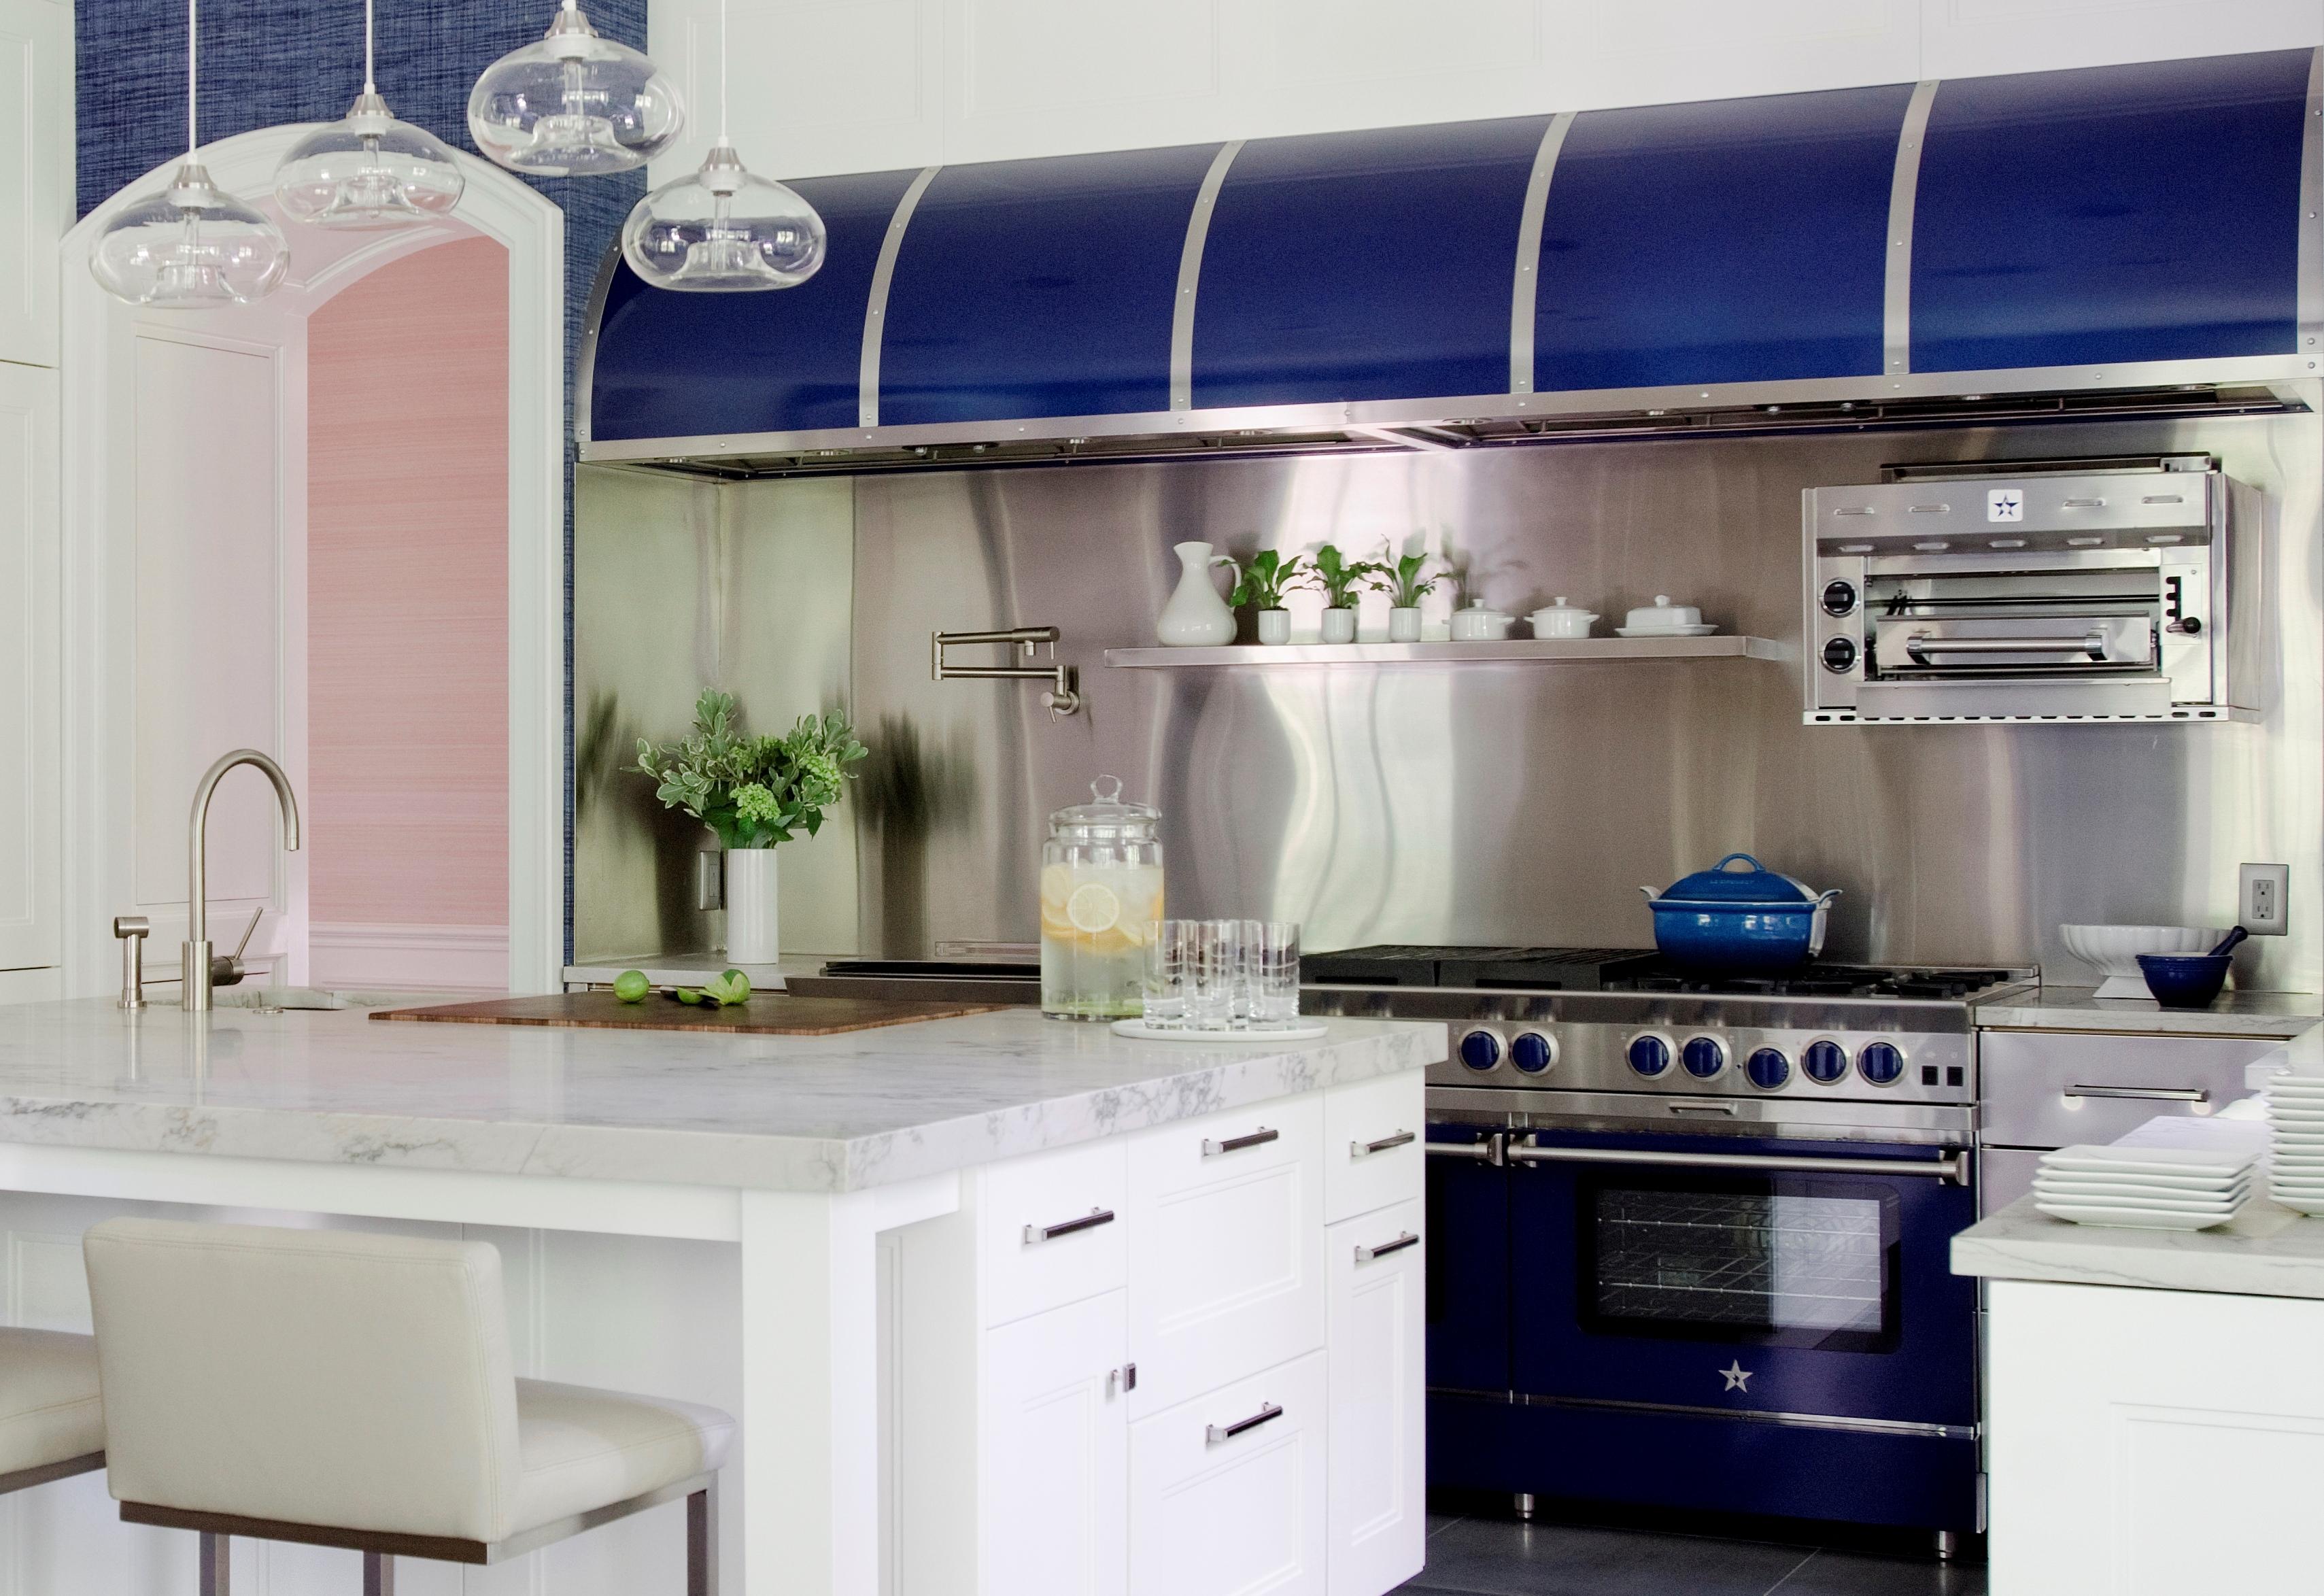 Fullsize Of Blue Star Appliances